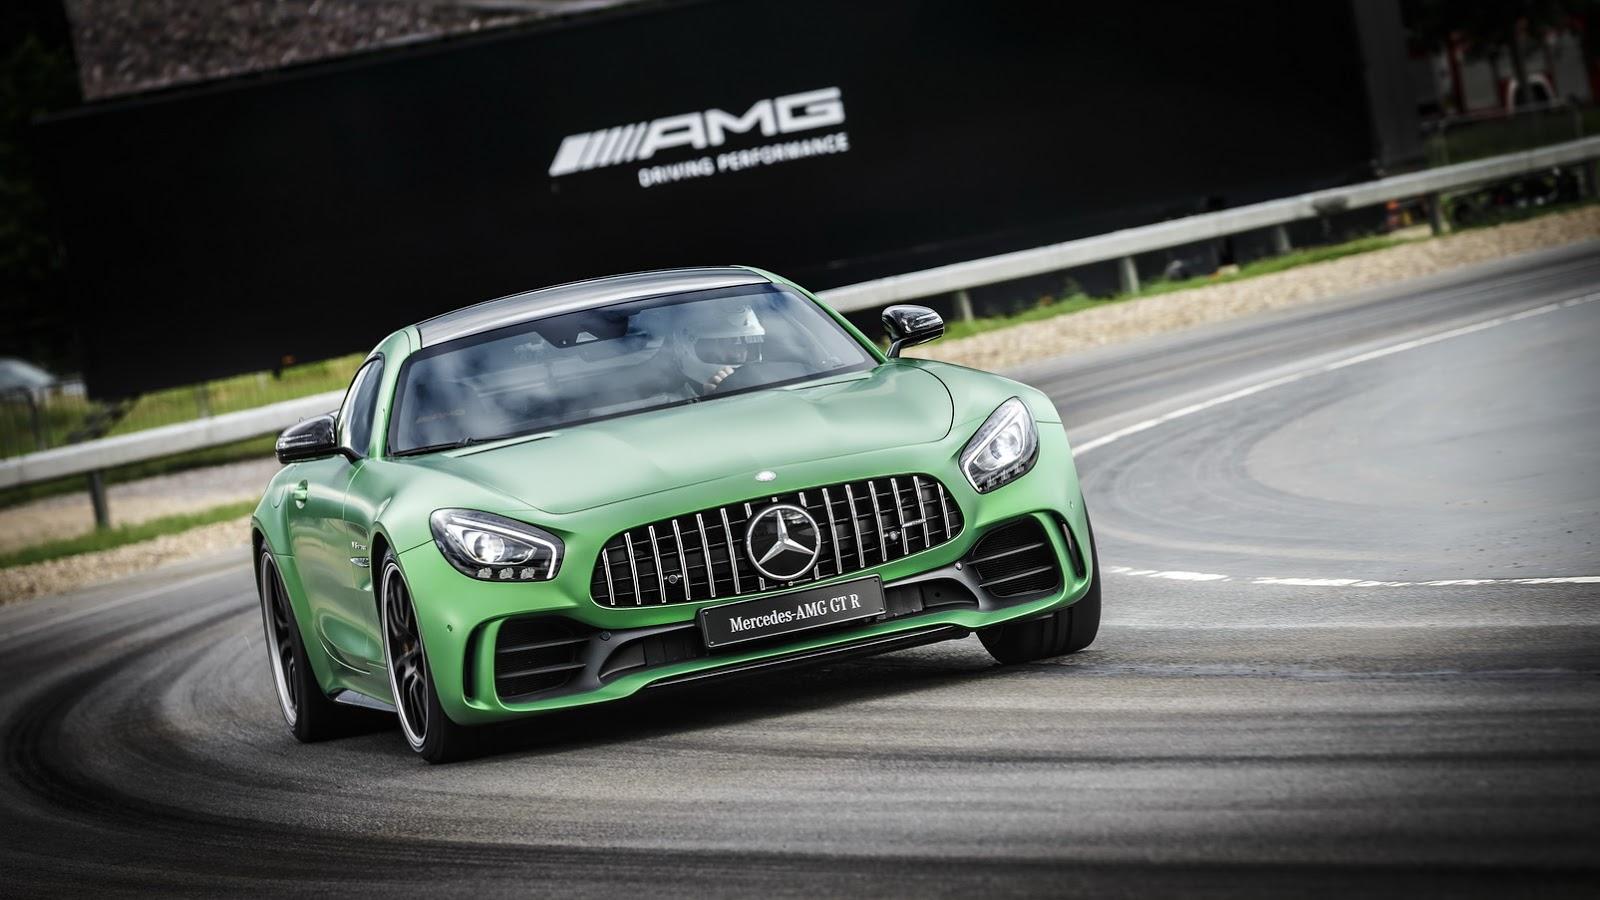 Mercedes AMG GT-R - Siêu xe đỉnh cao nhất của Mercedes